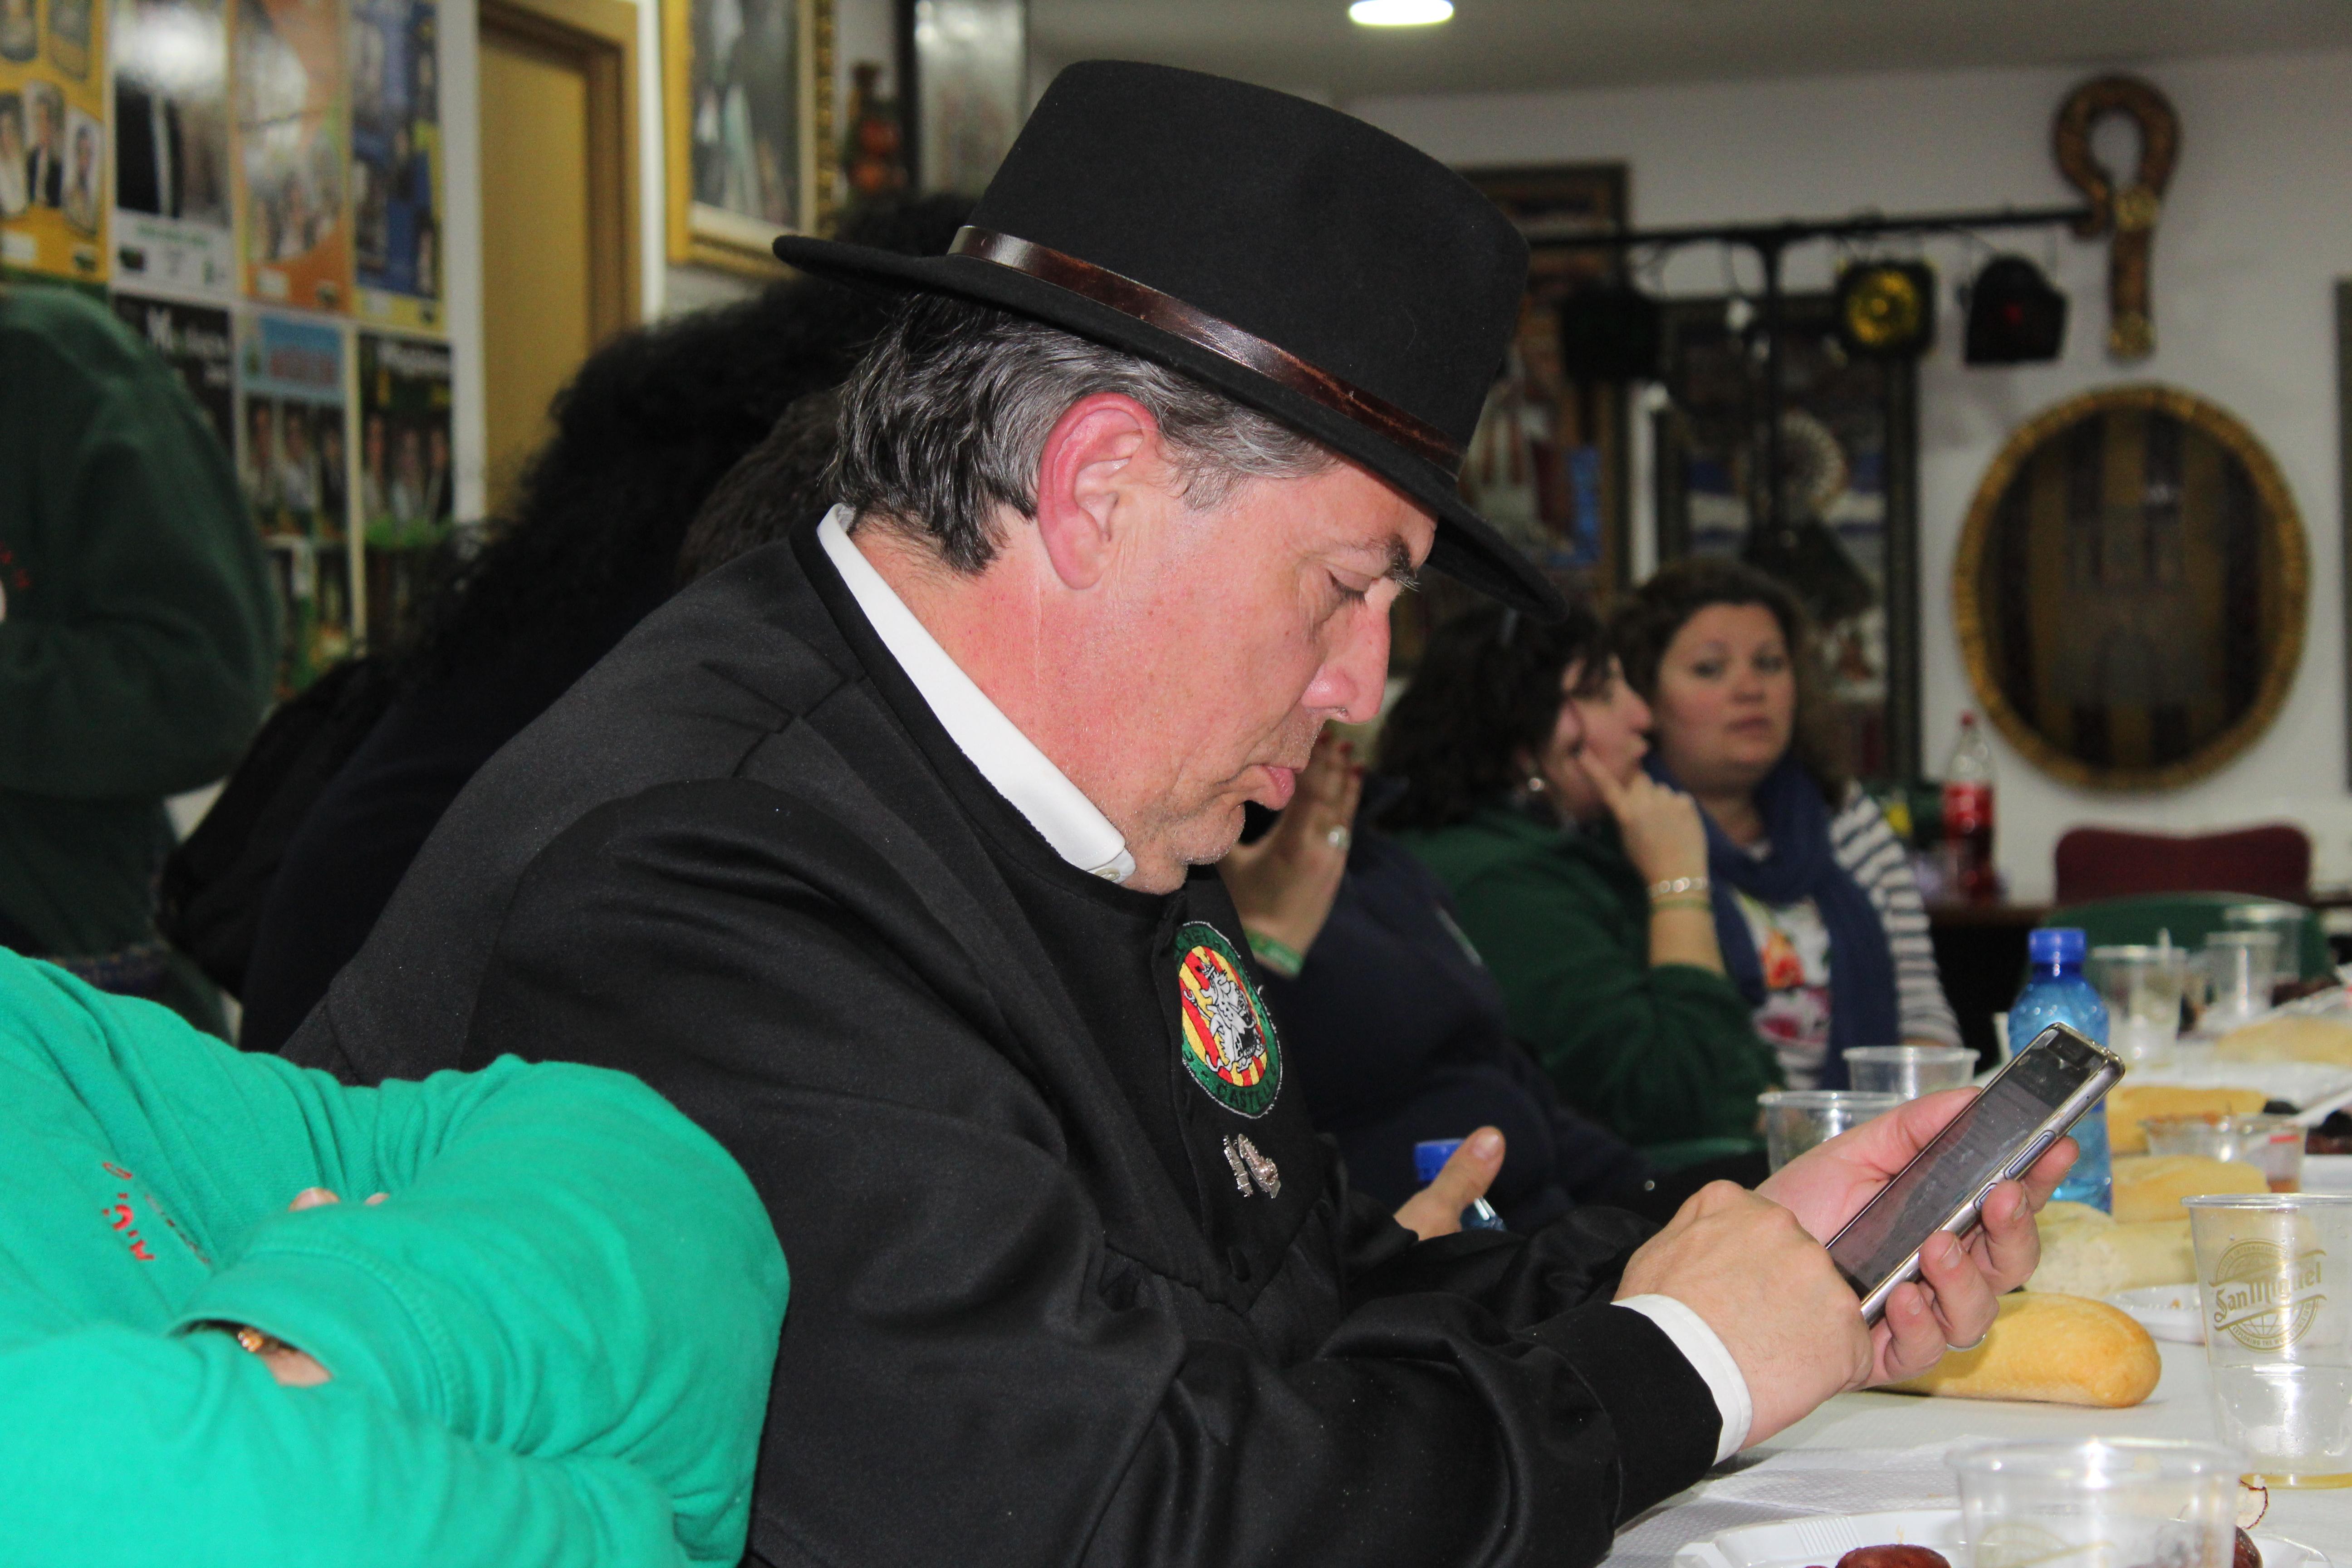 Enrique CarcellerIMG_0219